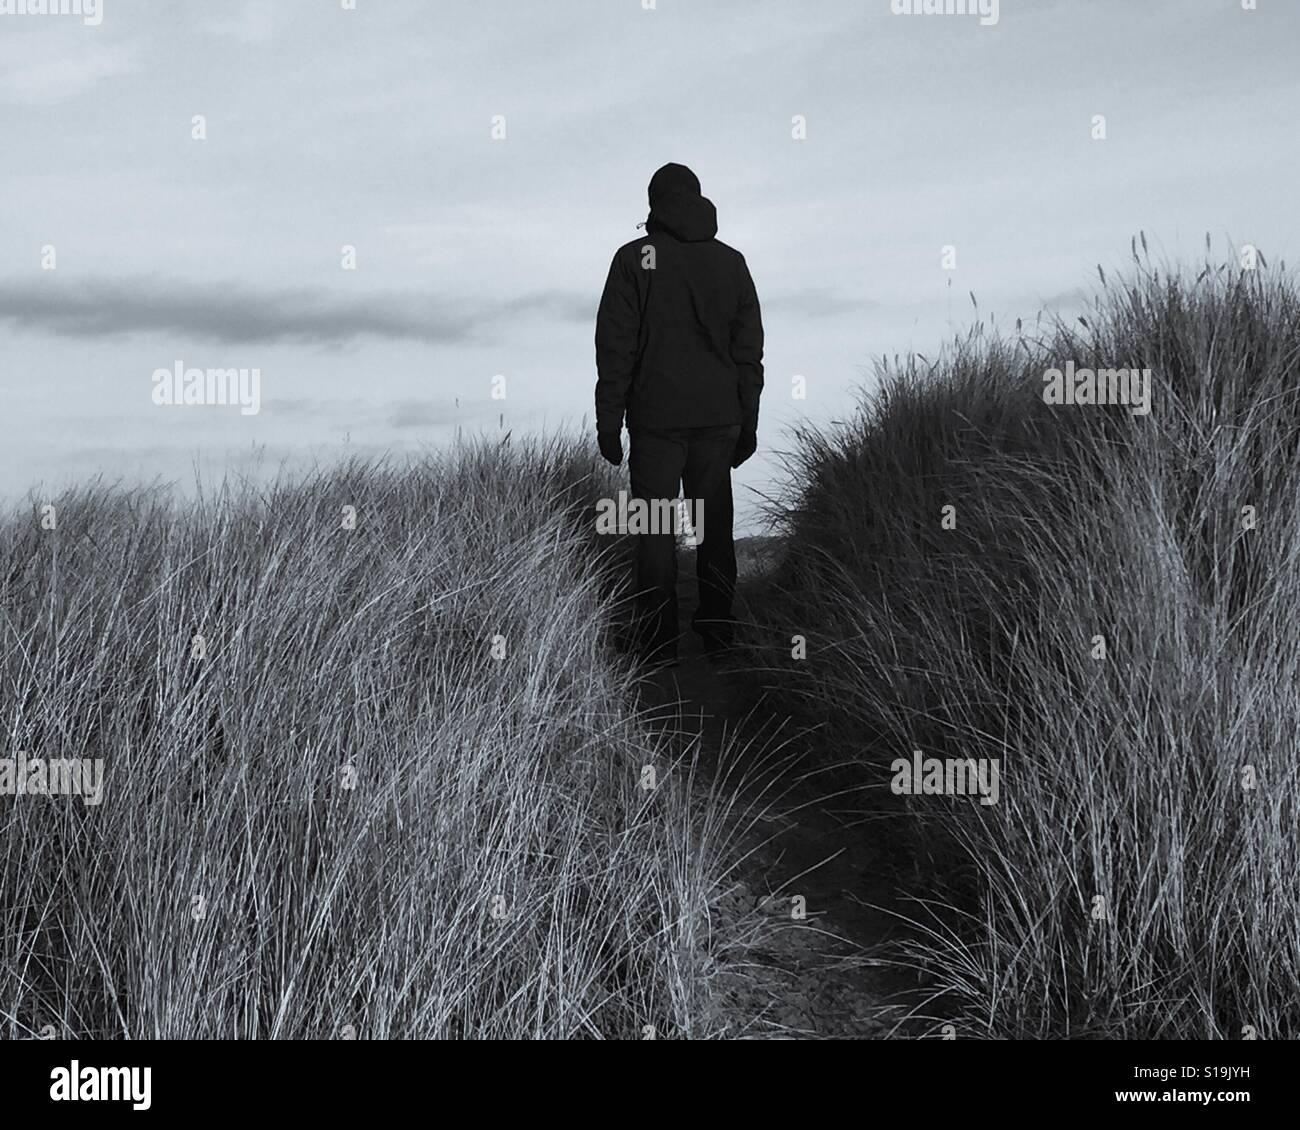 Silhouette d'un homme debout sur une piste dans les dunes de sable. Banque D'Images